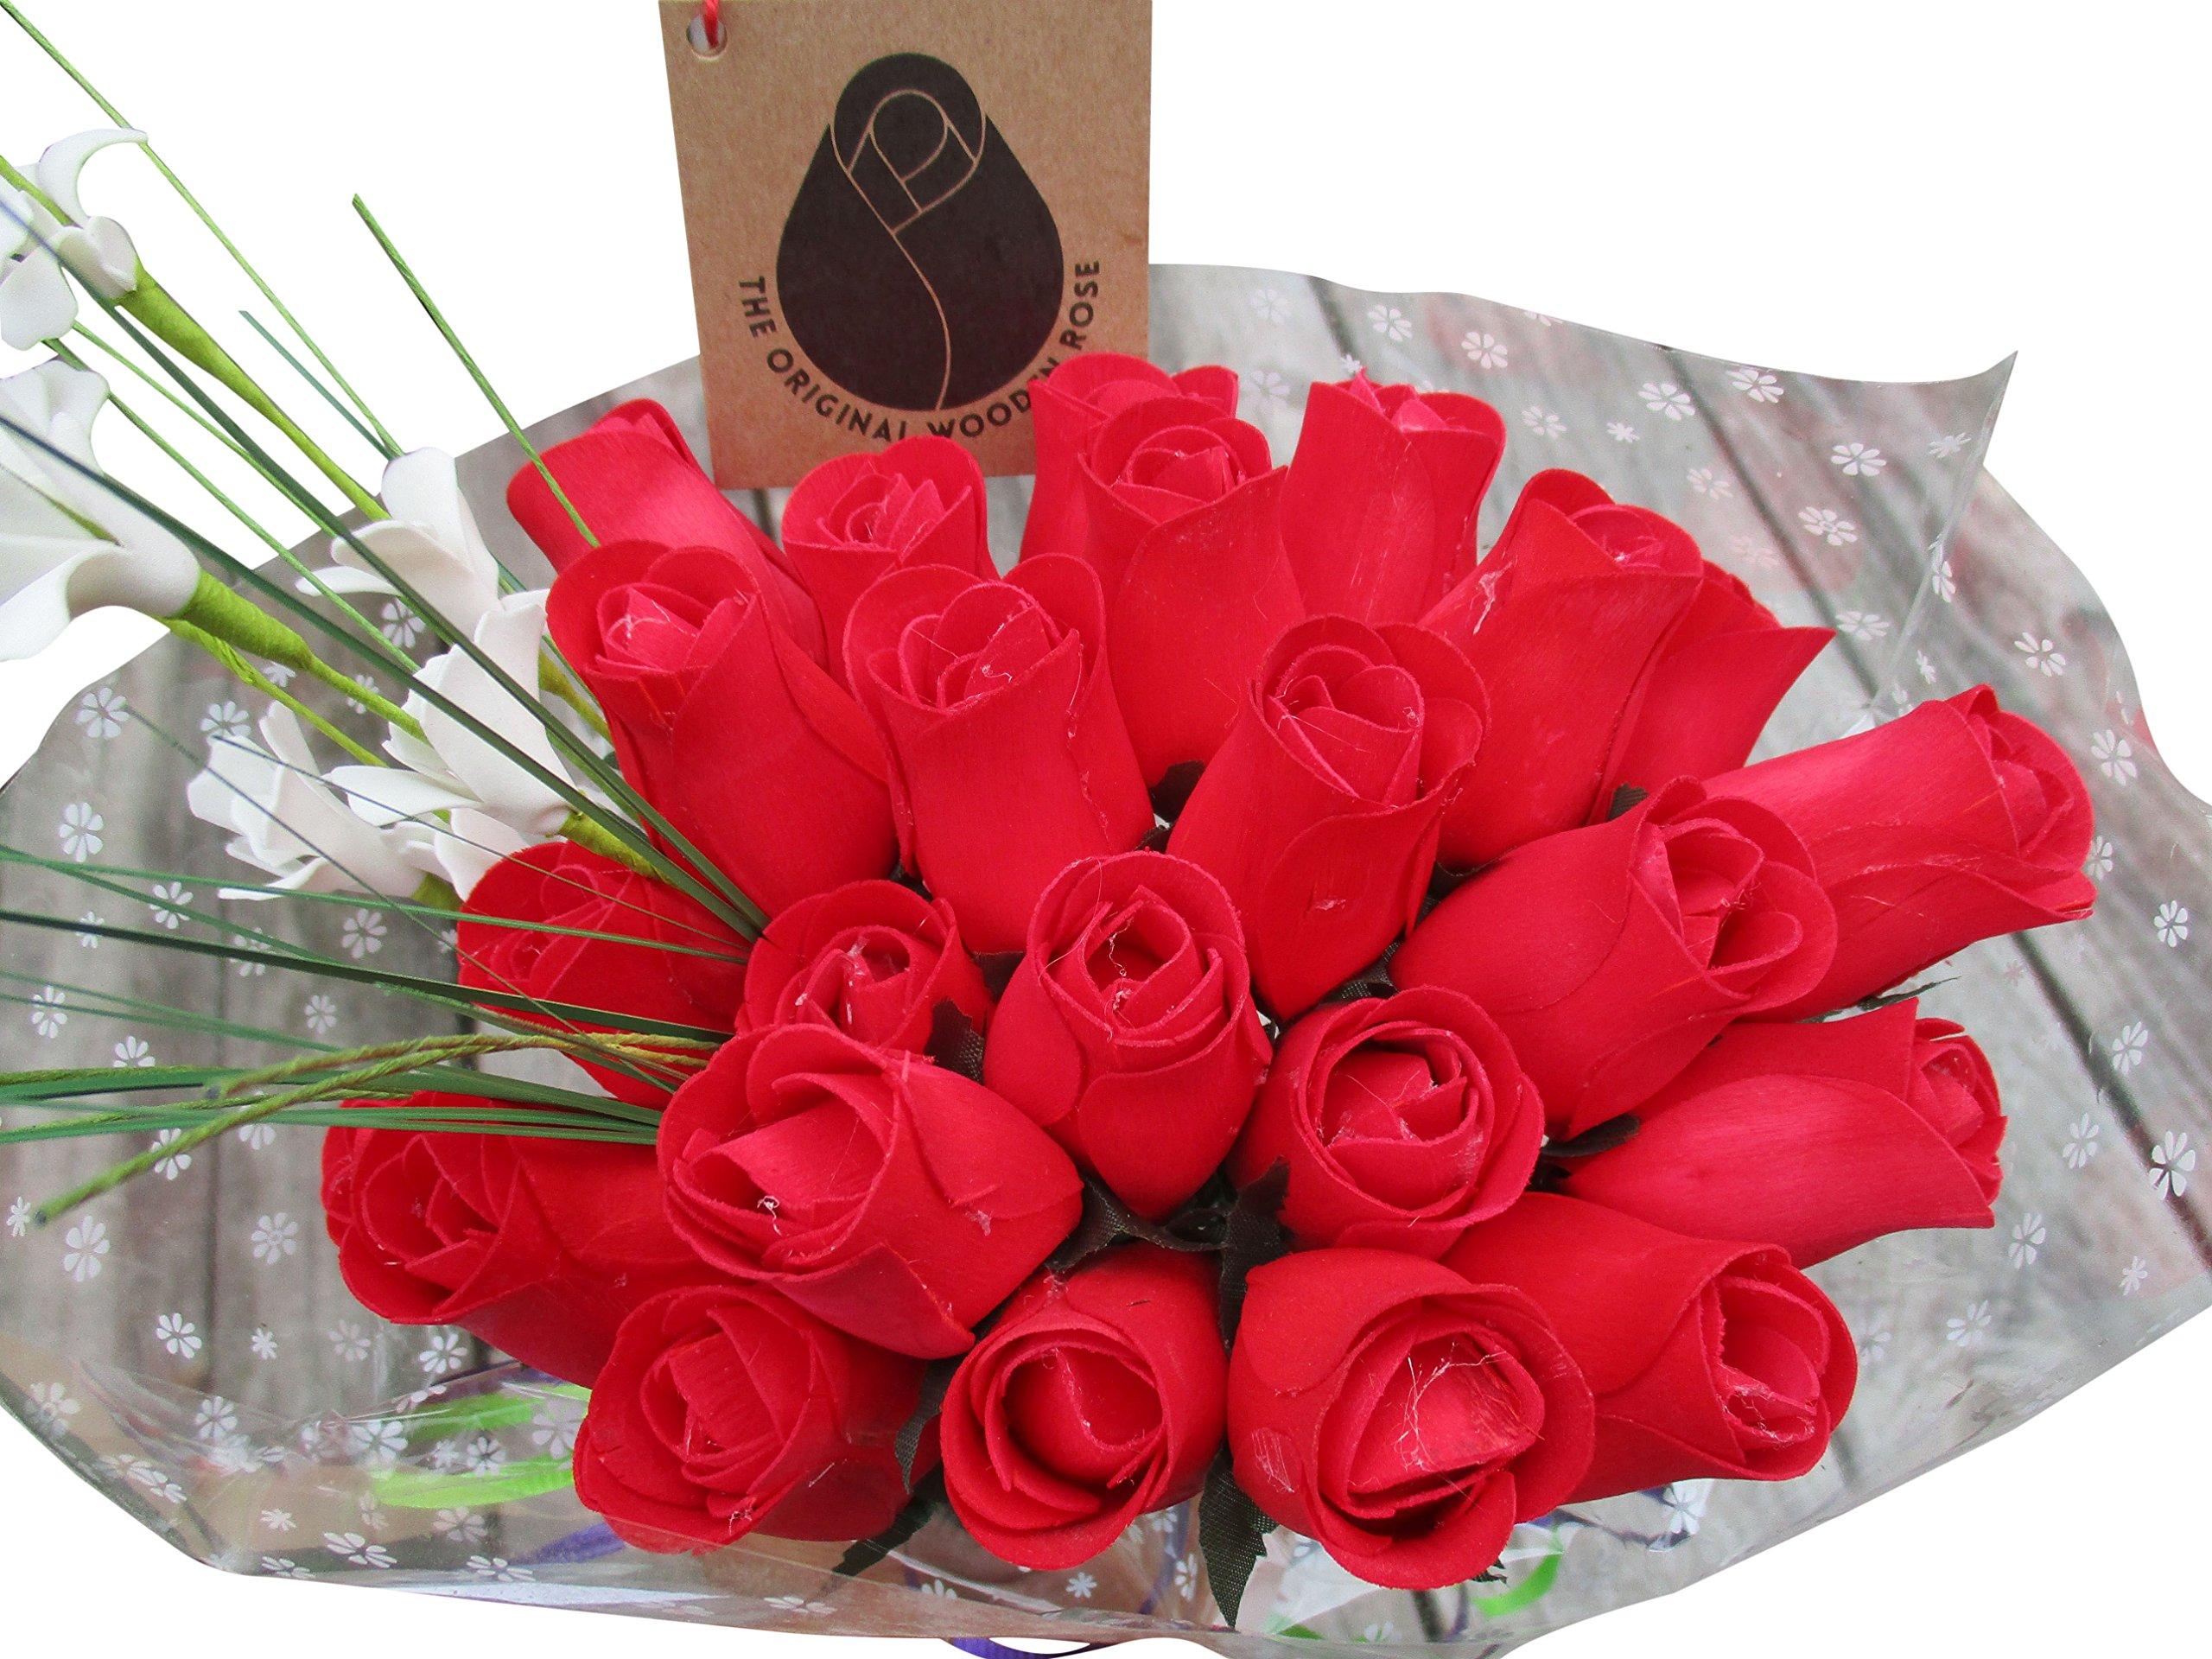 The Original Wooden Rose Valentines Day All RED Flower Bouquet (2 Dozen)